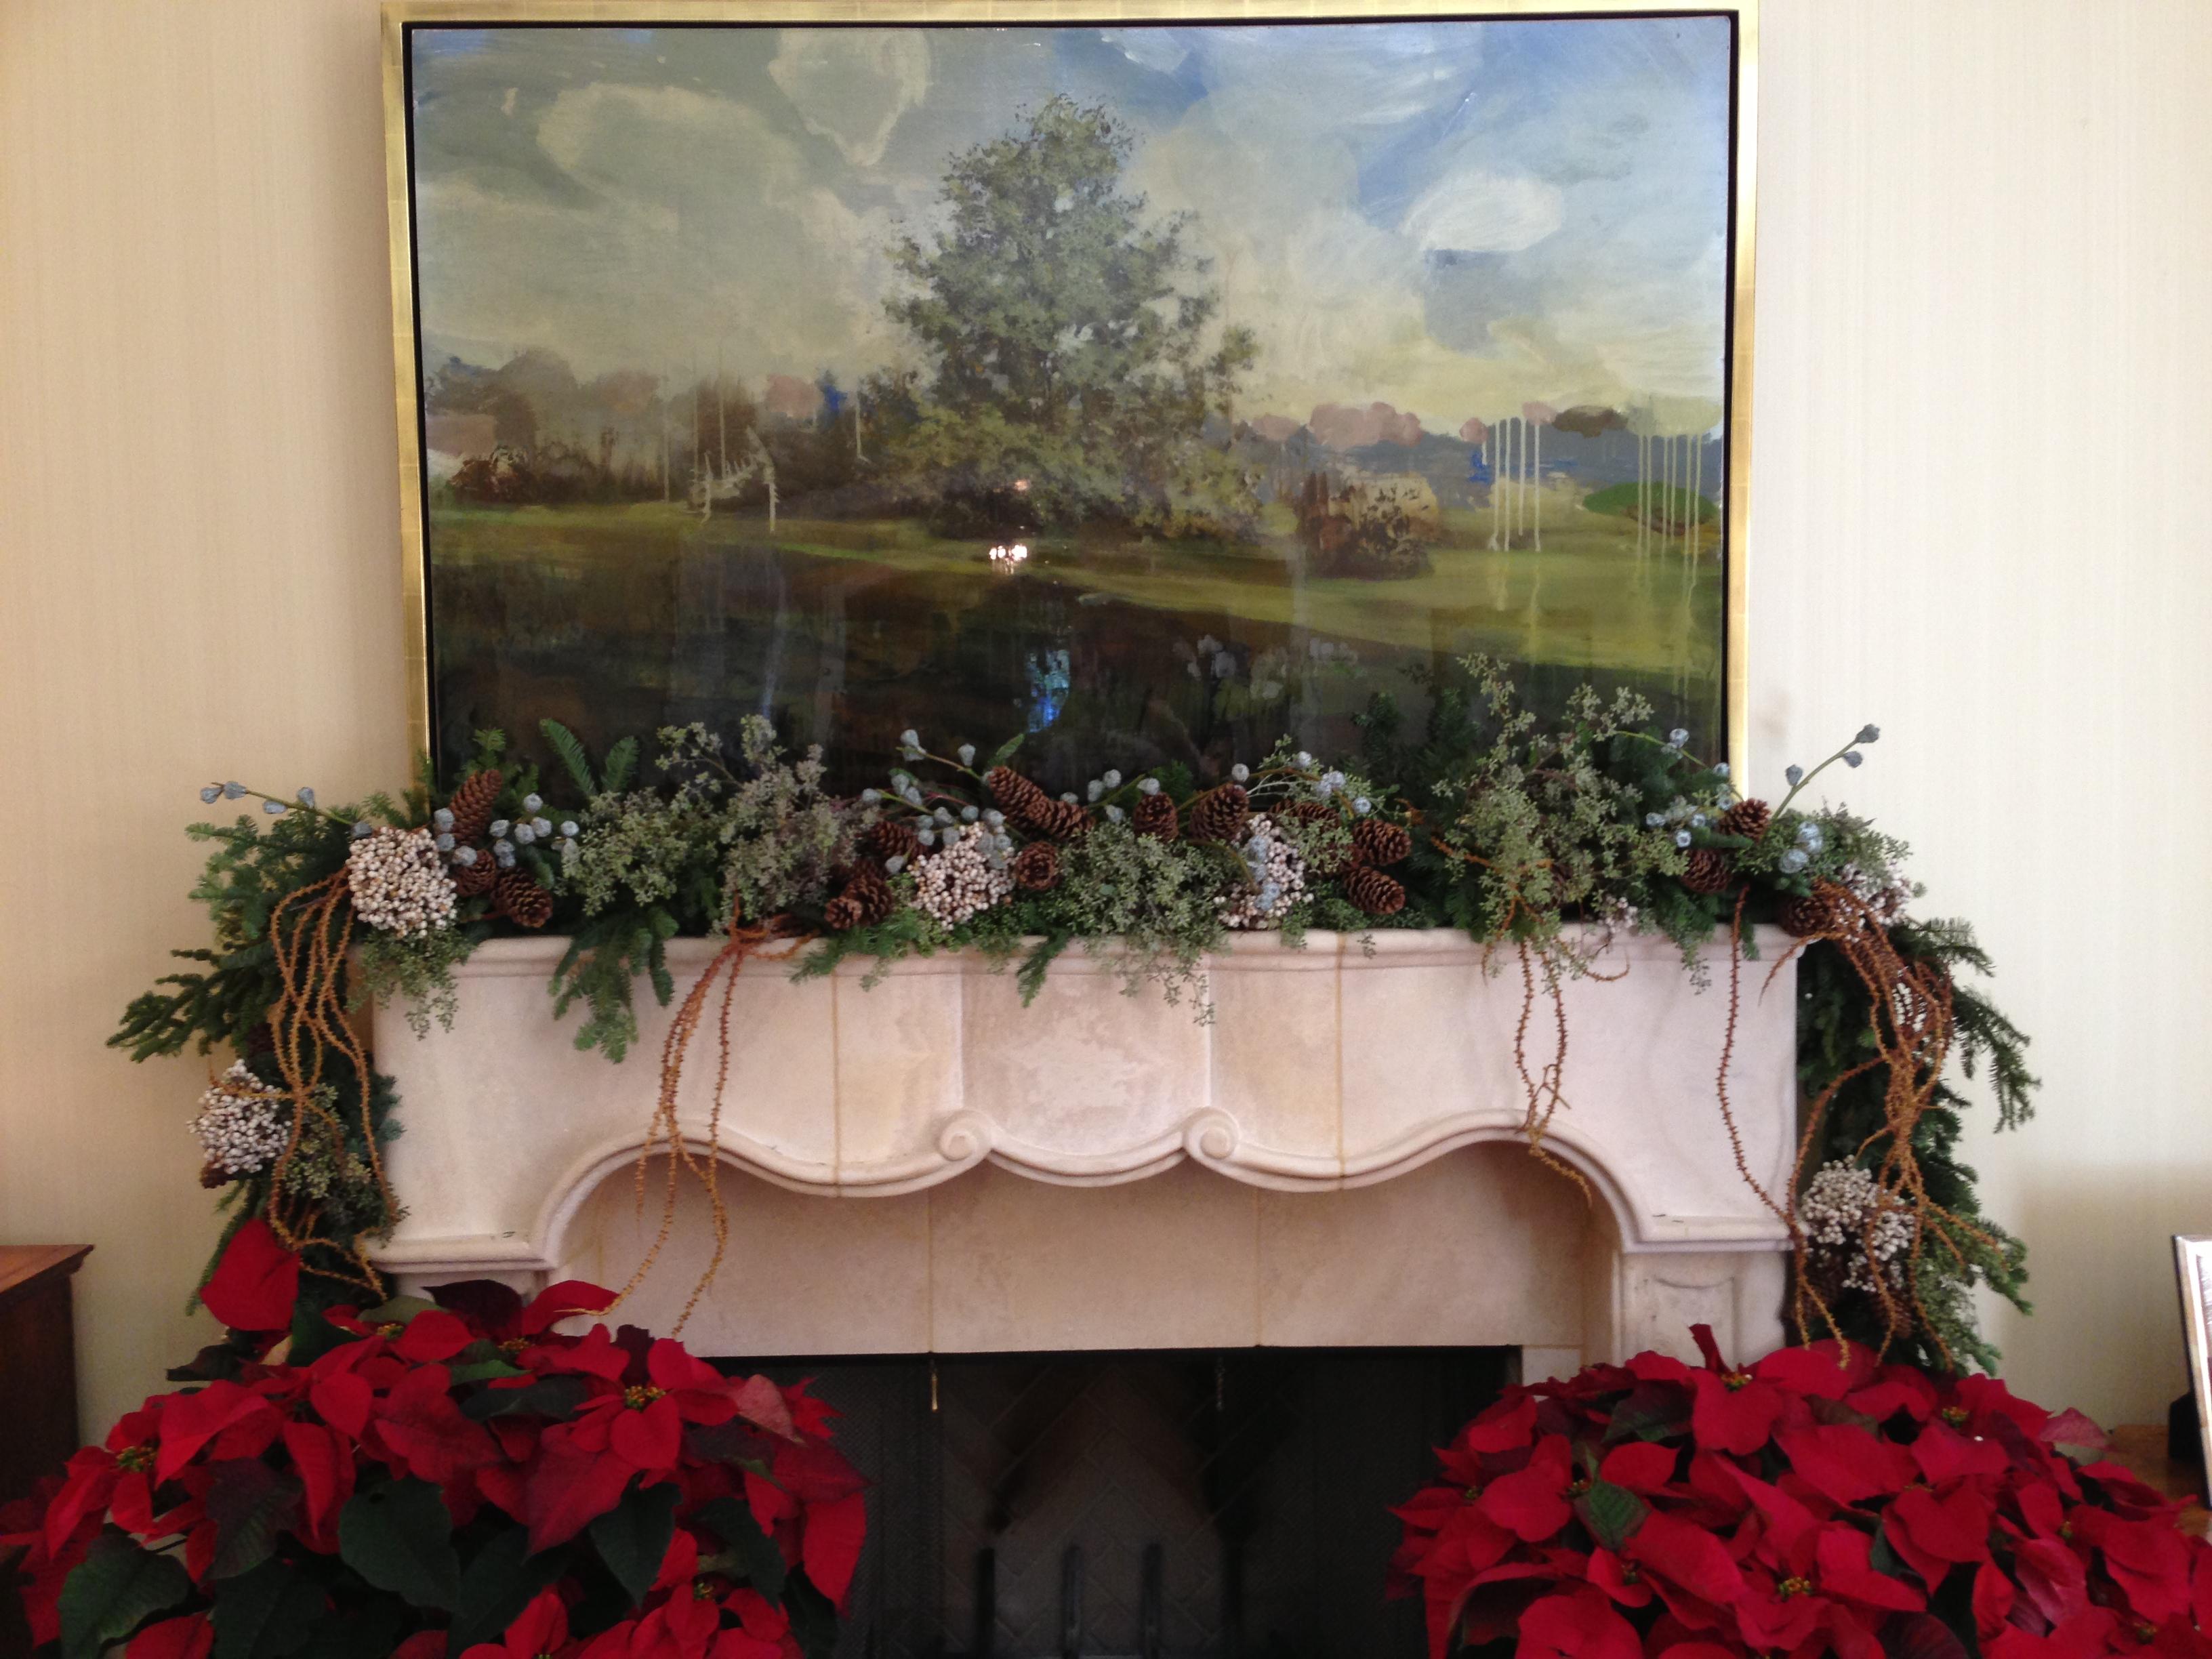 Holiday Interior 6